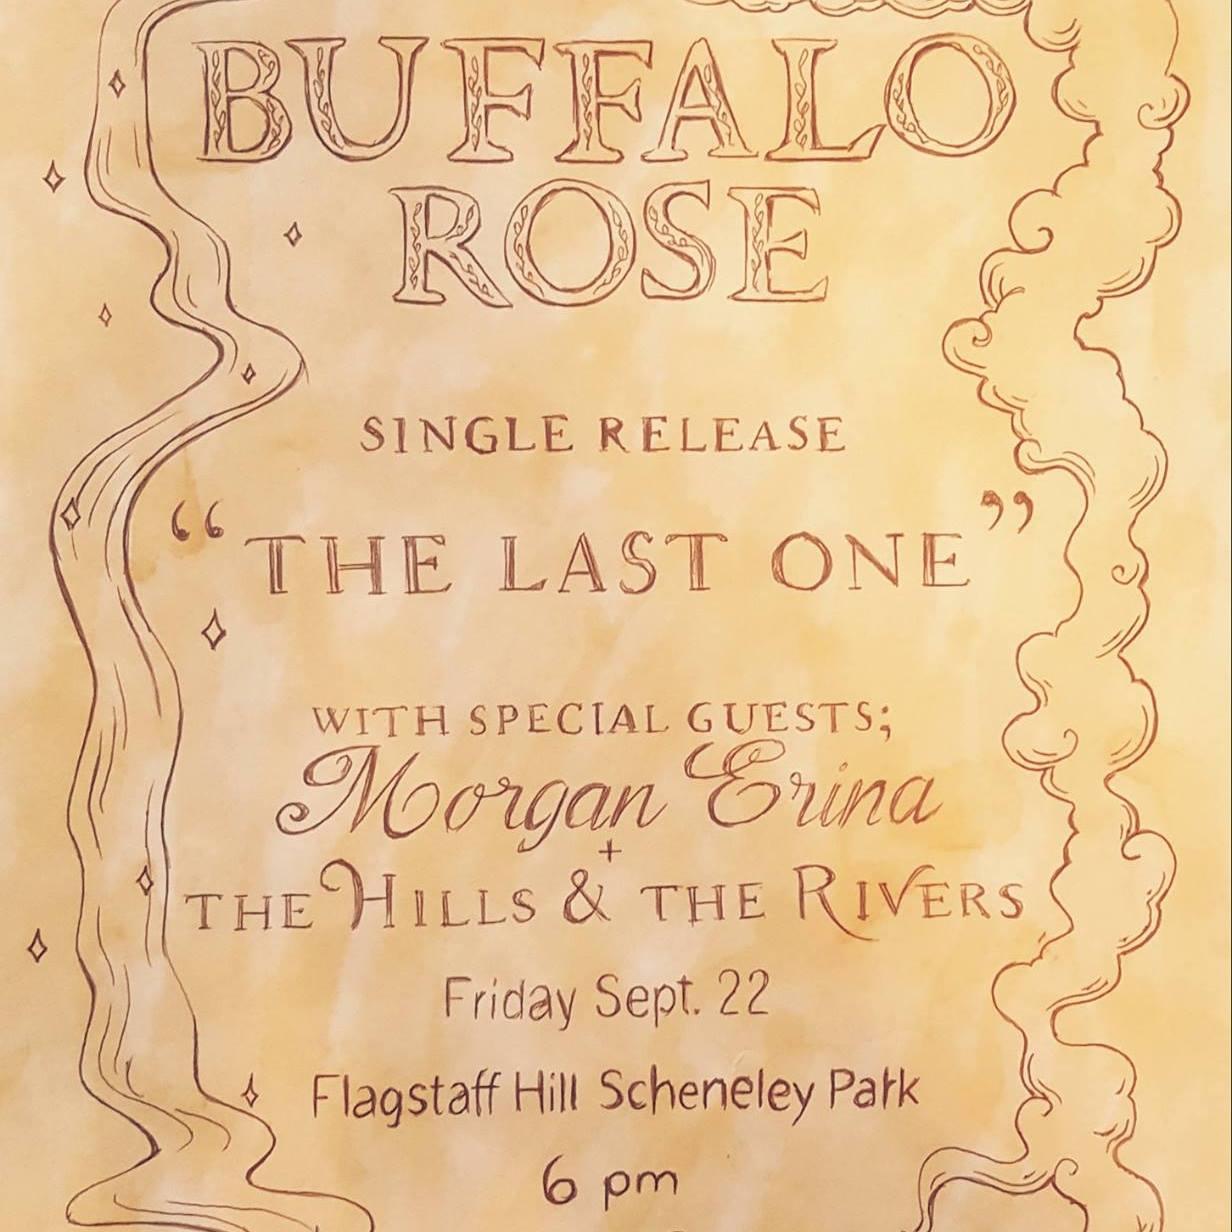 buffalo rose release.jpg